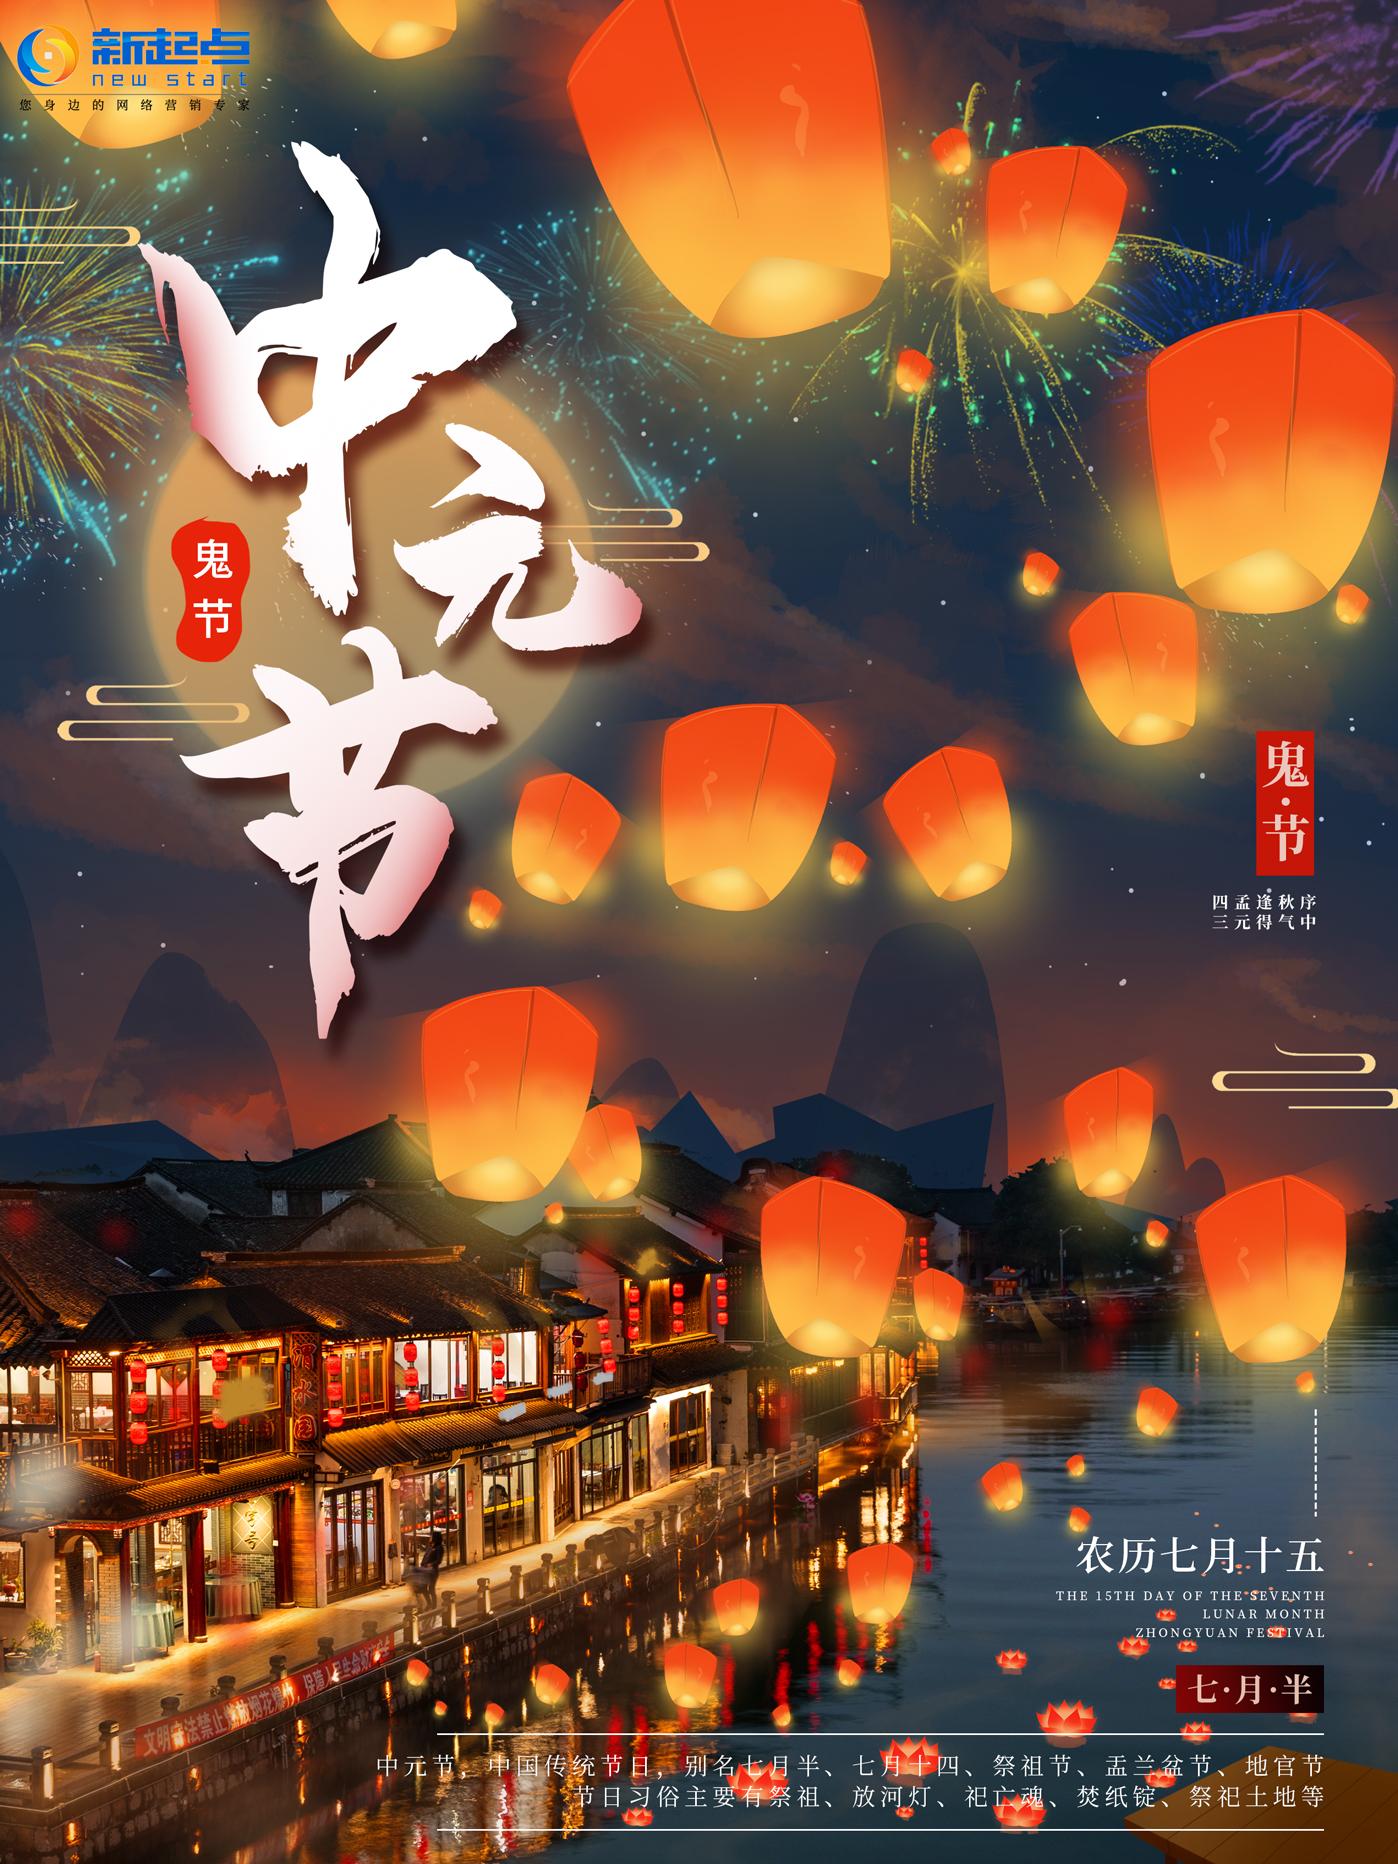 中元節,祭先祖,求平安!